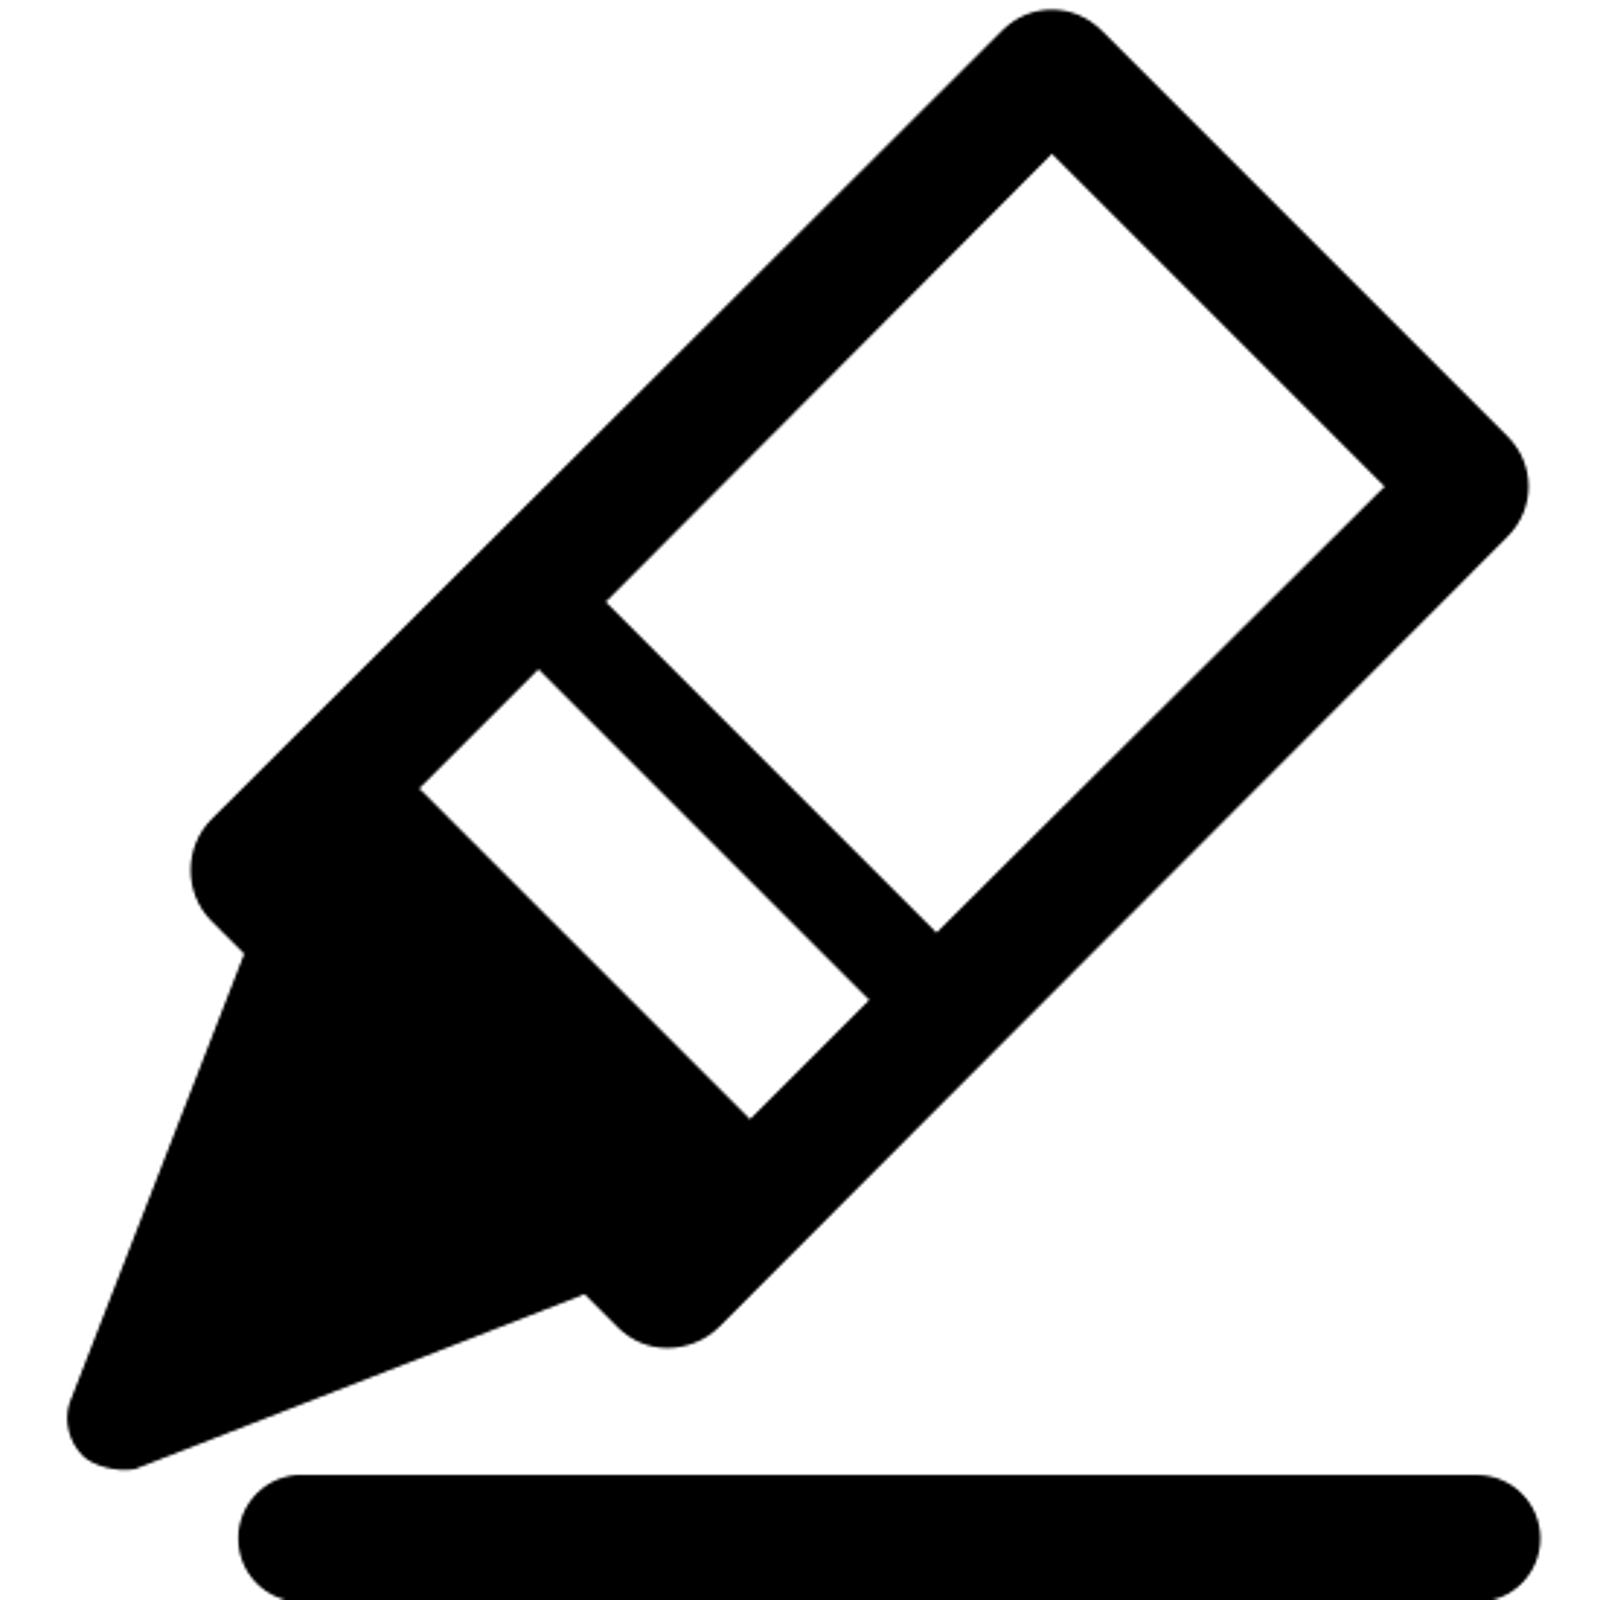 Kolor ramki icon